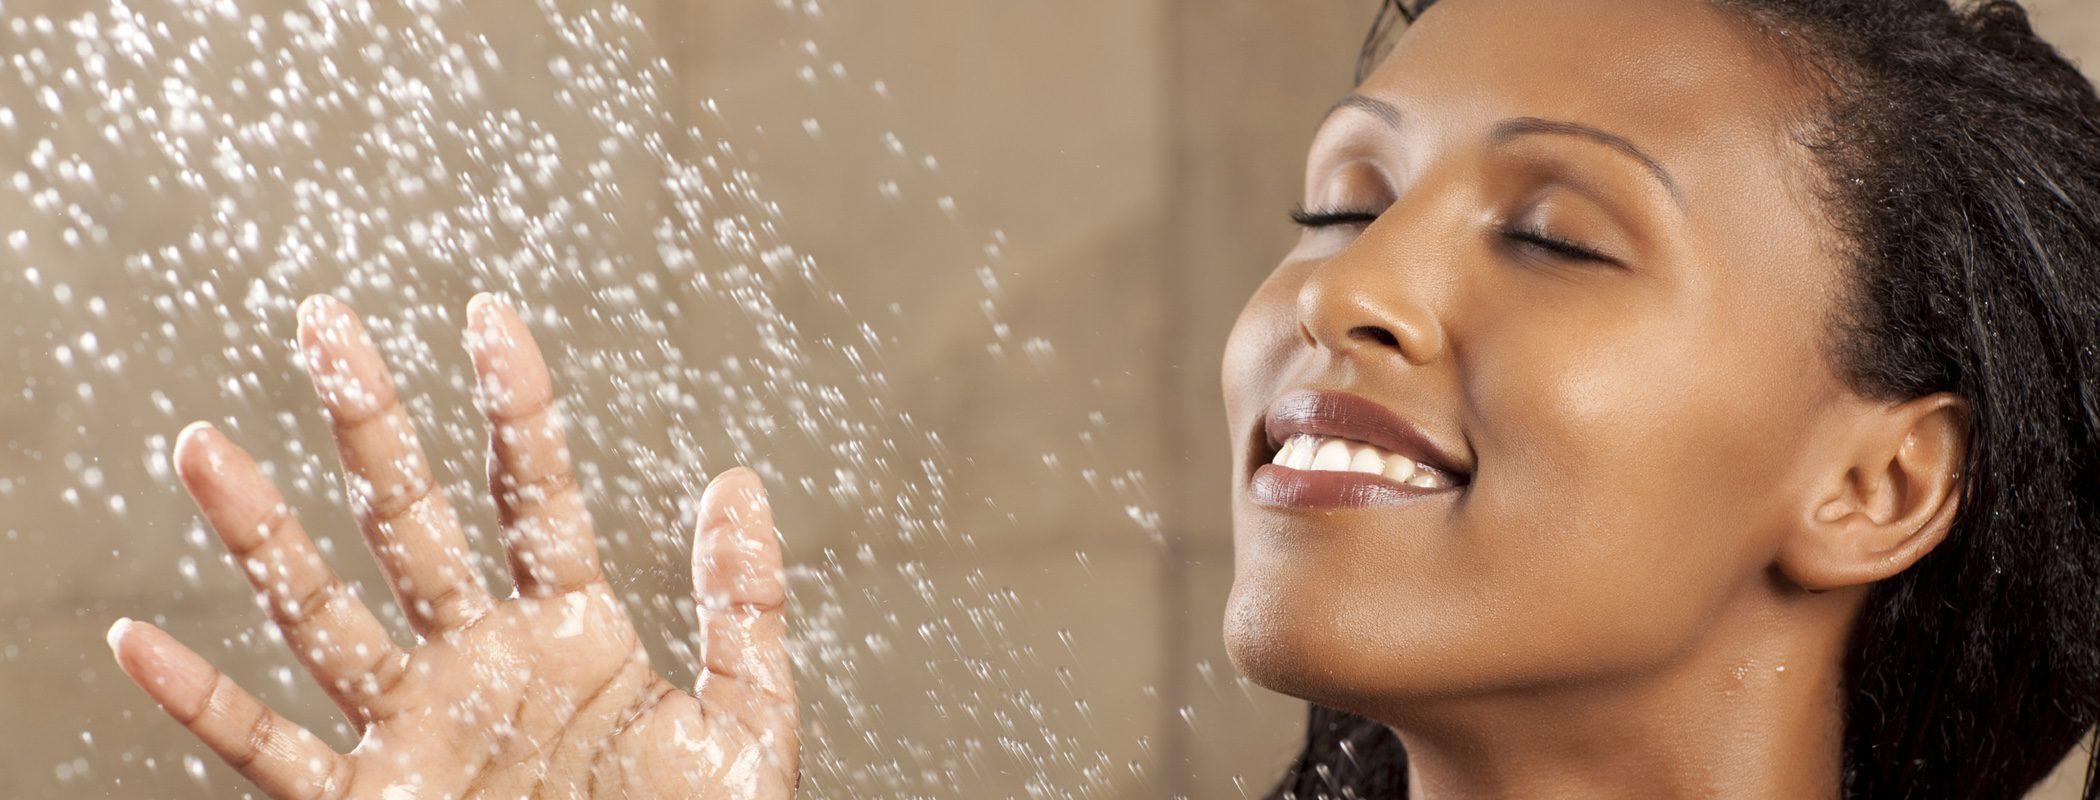 La ducha vaginal, una práctica poco recomendable